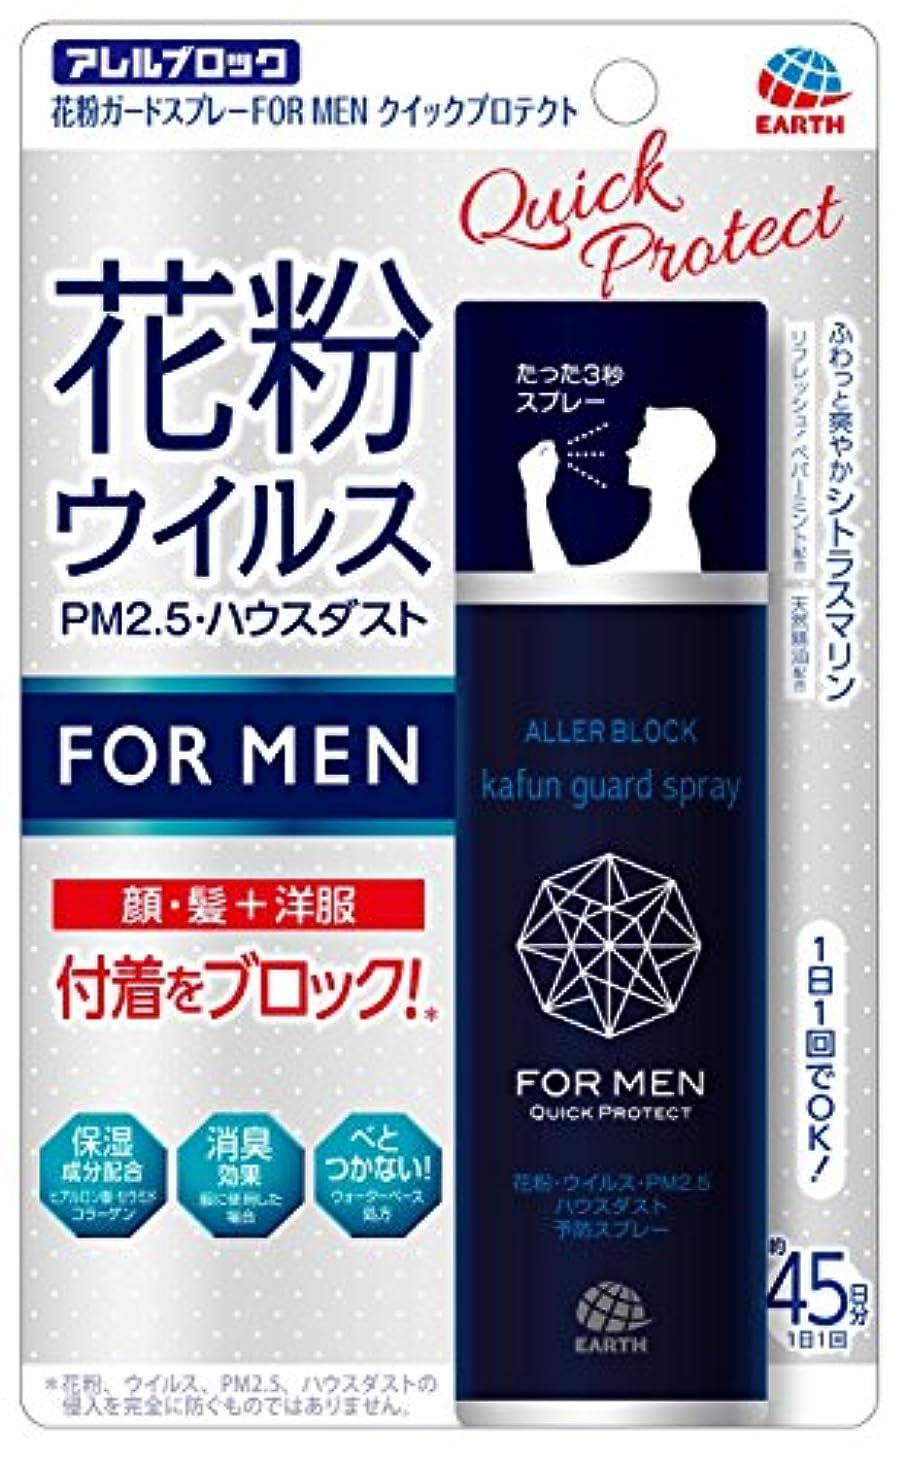 乏しいジョットディボンドンコメンテーターアース製薬 アレルブロック 花粉ガードスプレー FOR MEN クイックプロテクト 75mL